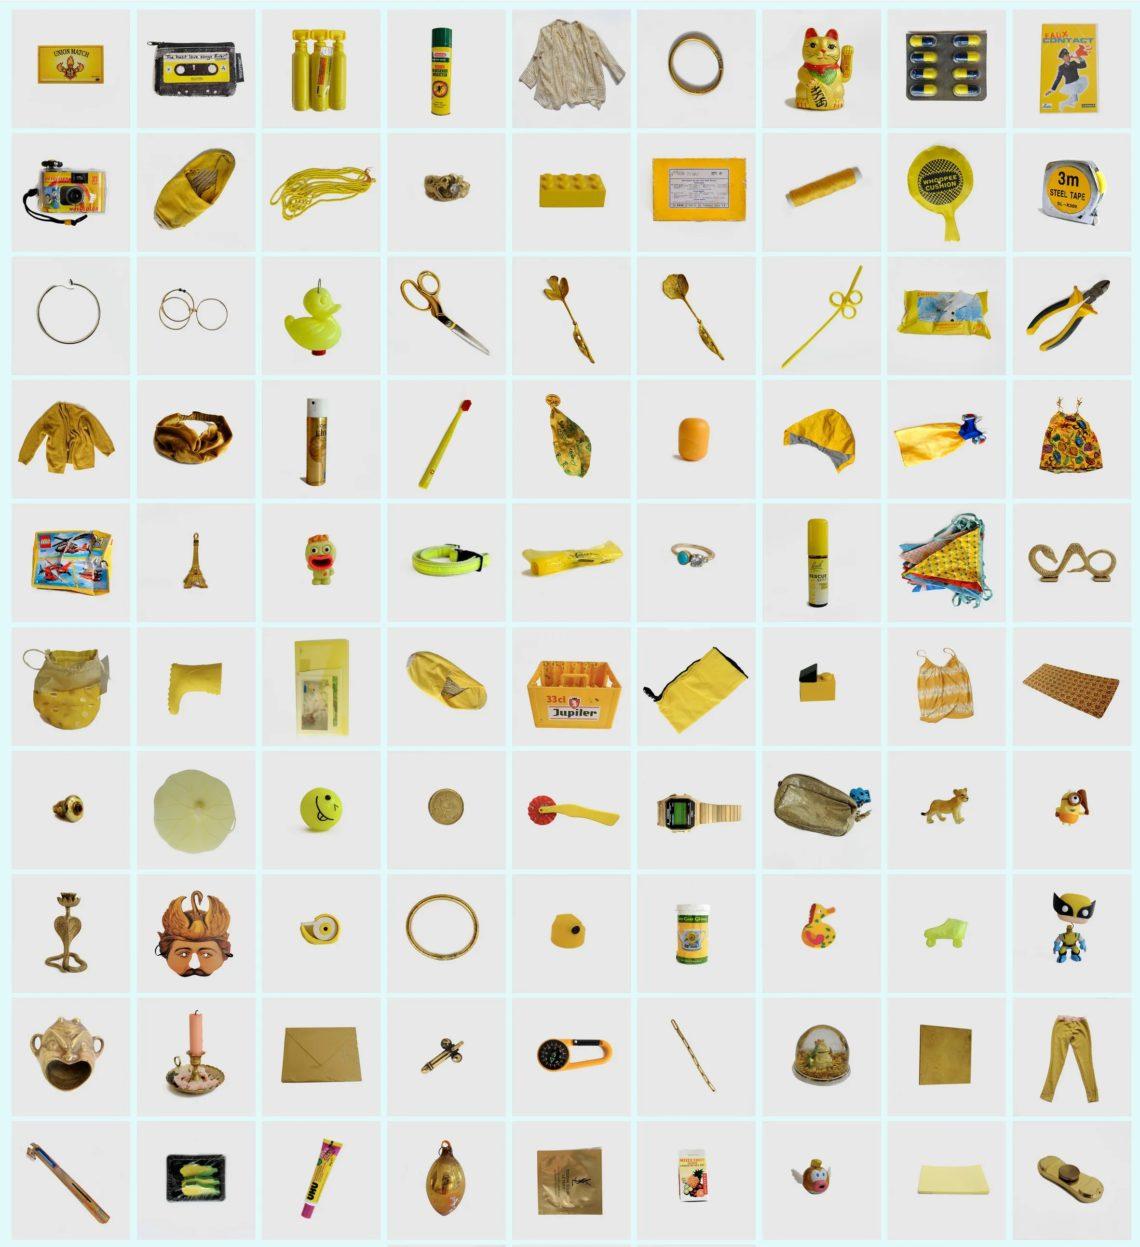 Fotograaf Barbara Iweins documenteert alle 10.532 objecten in haar huis